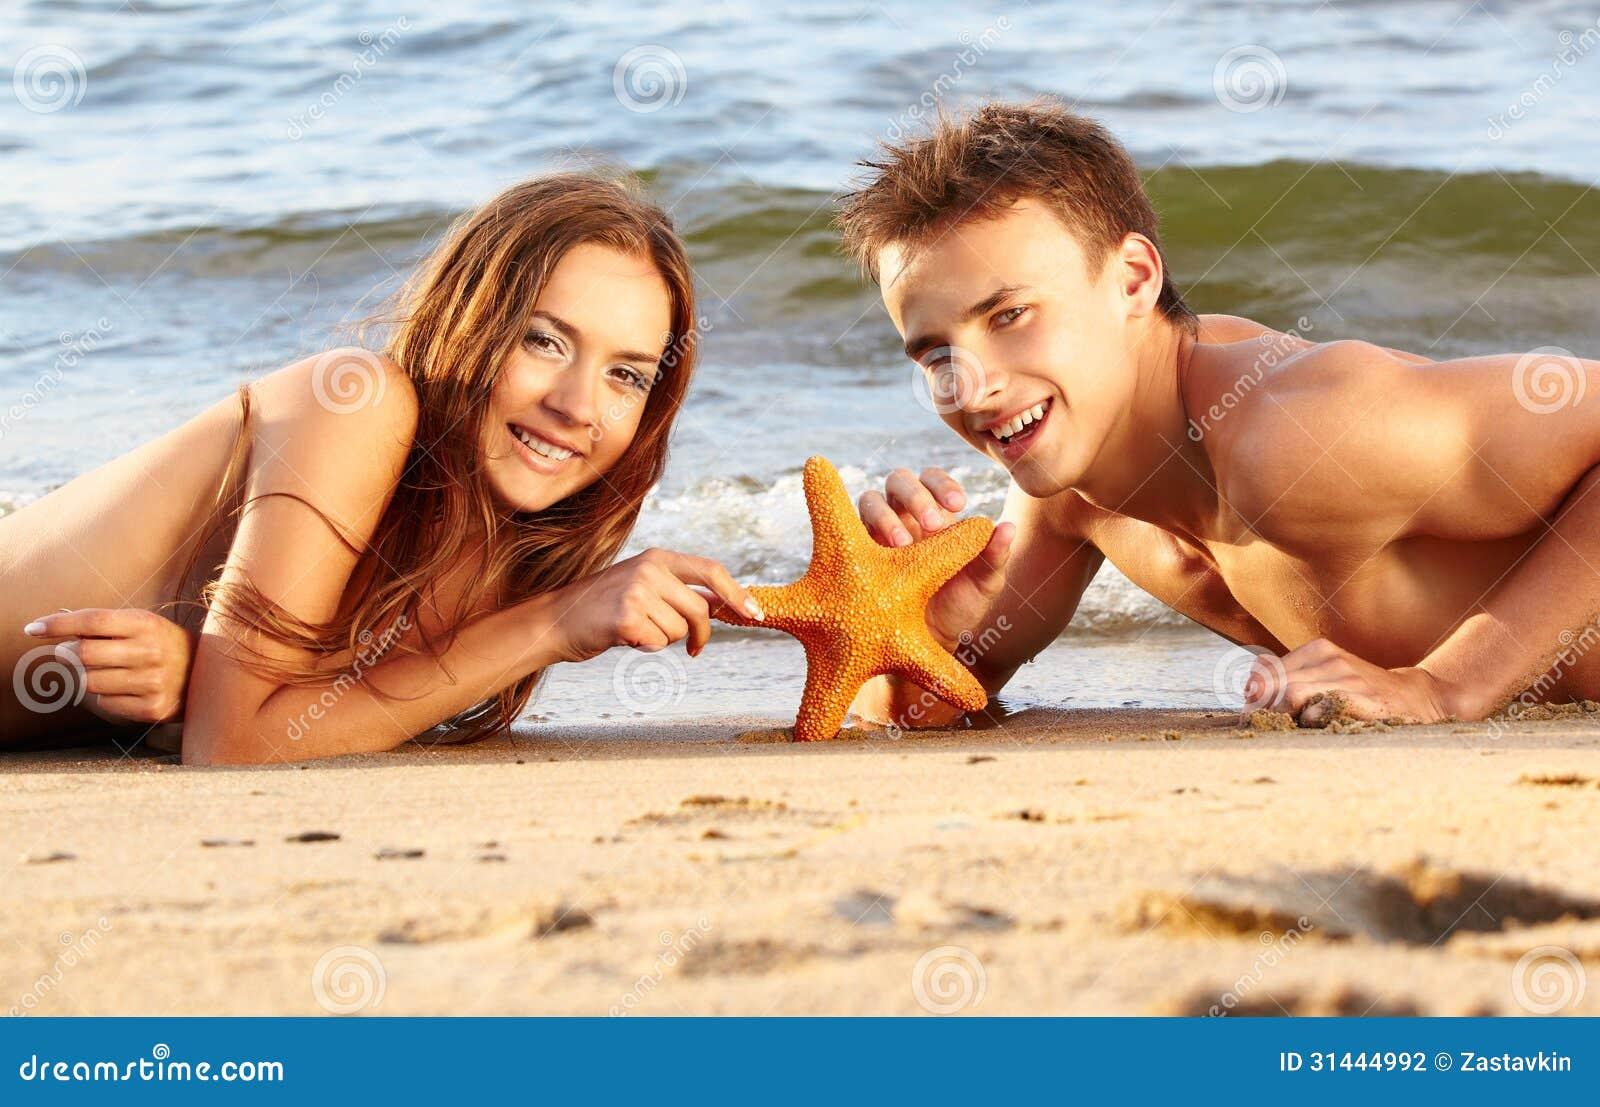 Рассказы секс втроём на пляже, Свингеры рассказы -историй. Читать порно онлайн 24 фотография